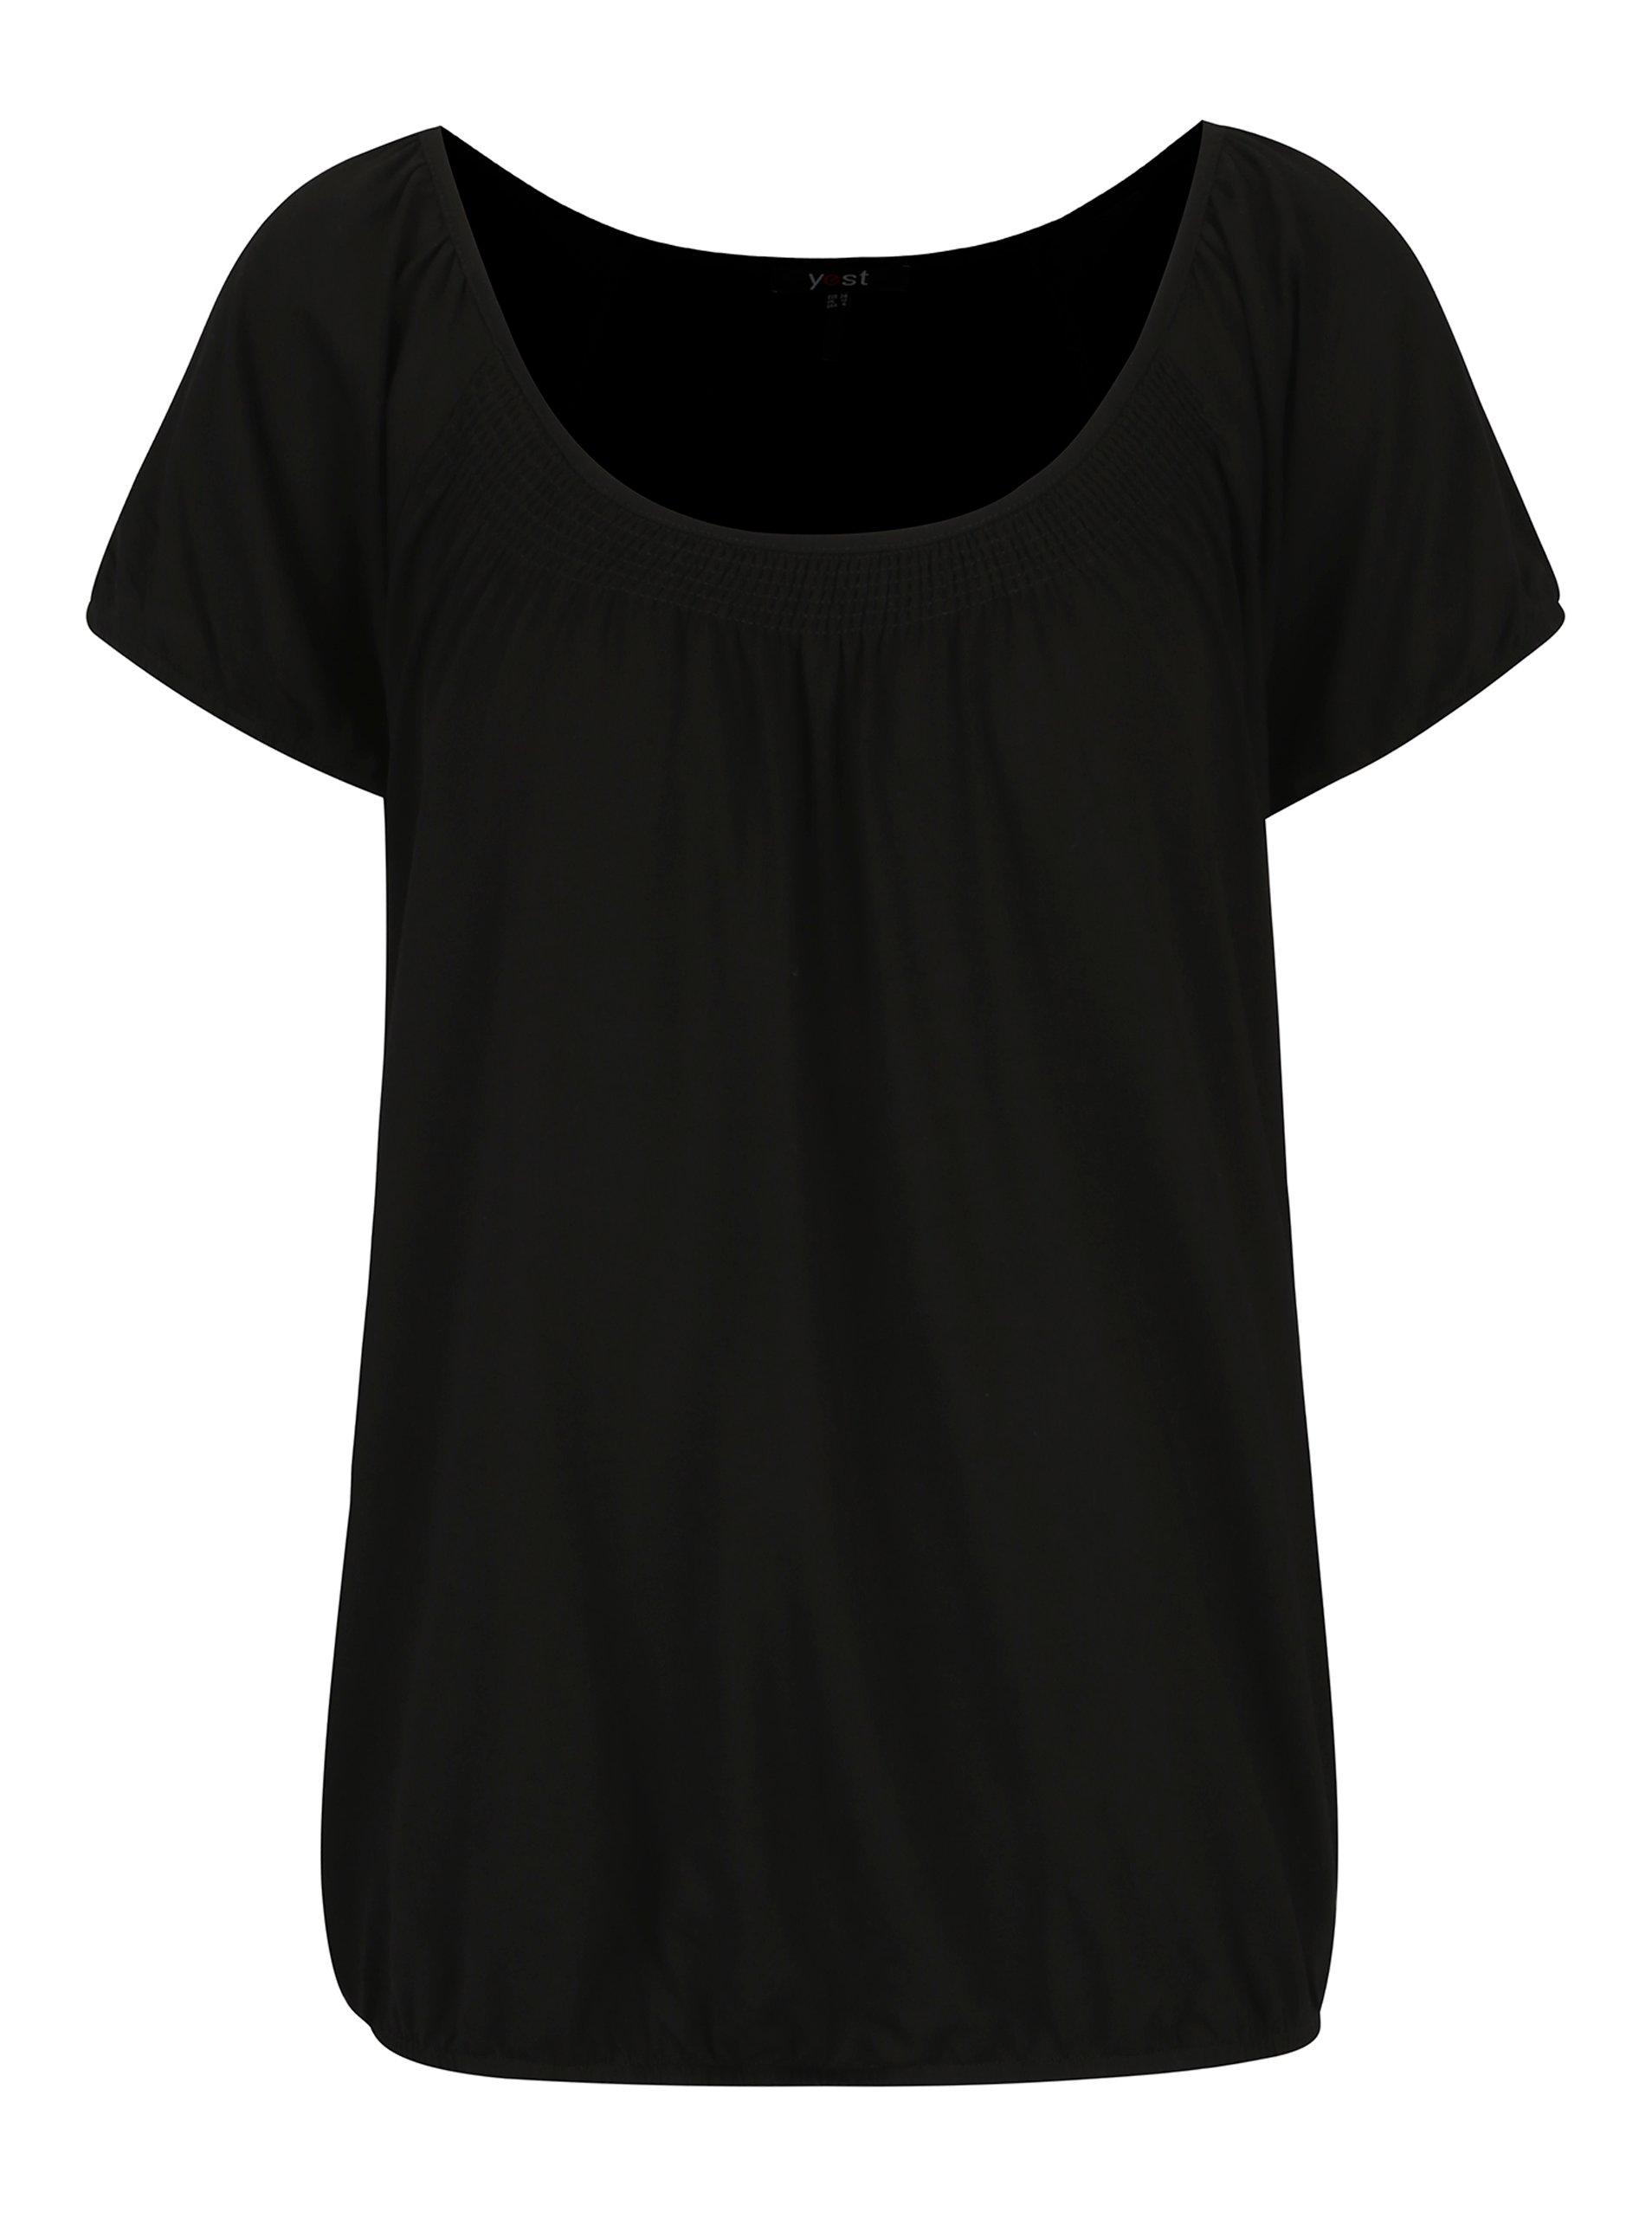 Černé tričko s kulatým výstřihem Yest